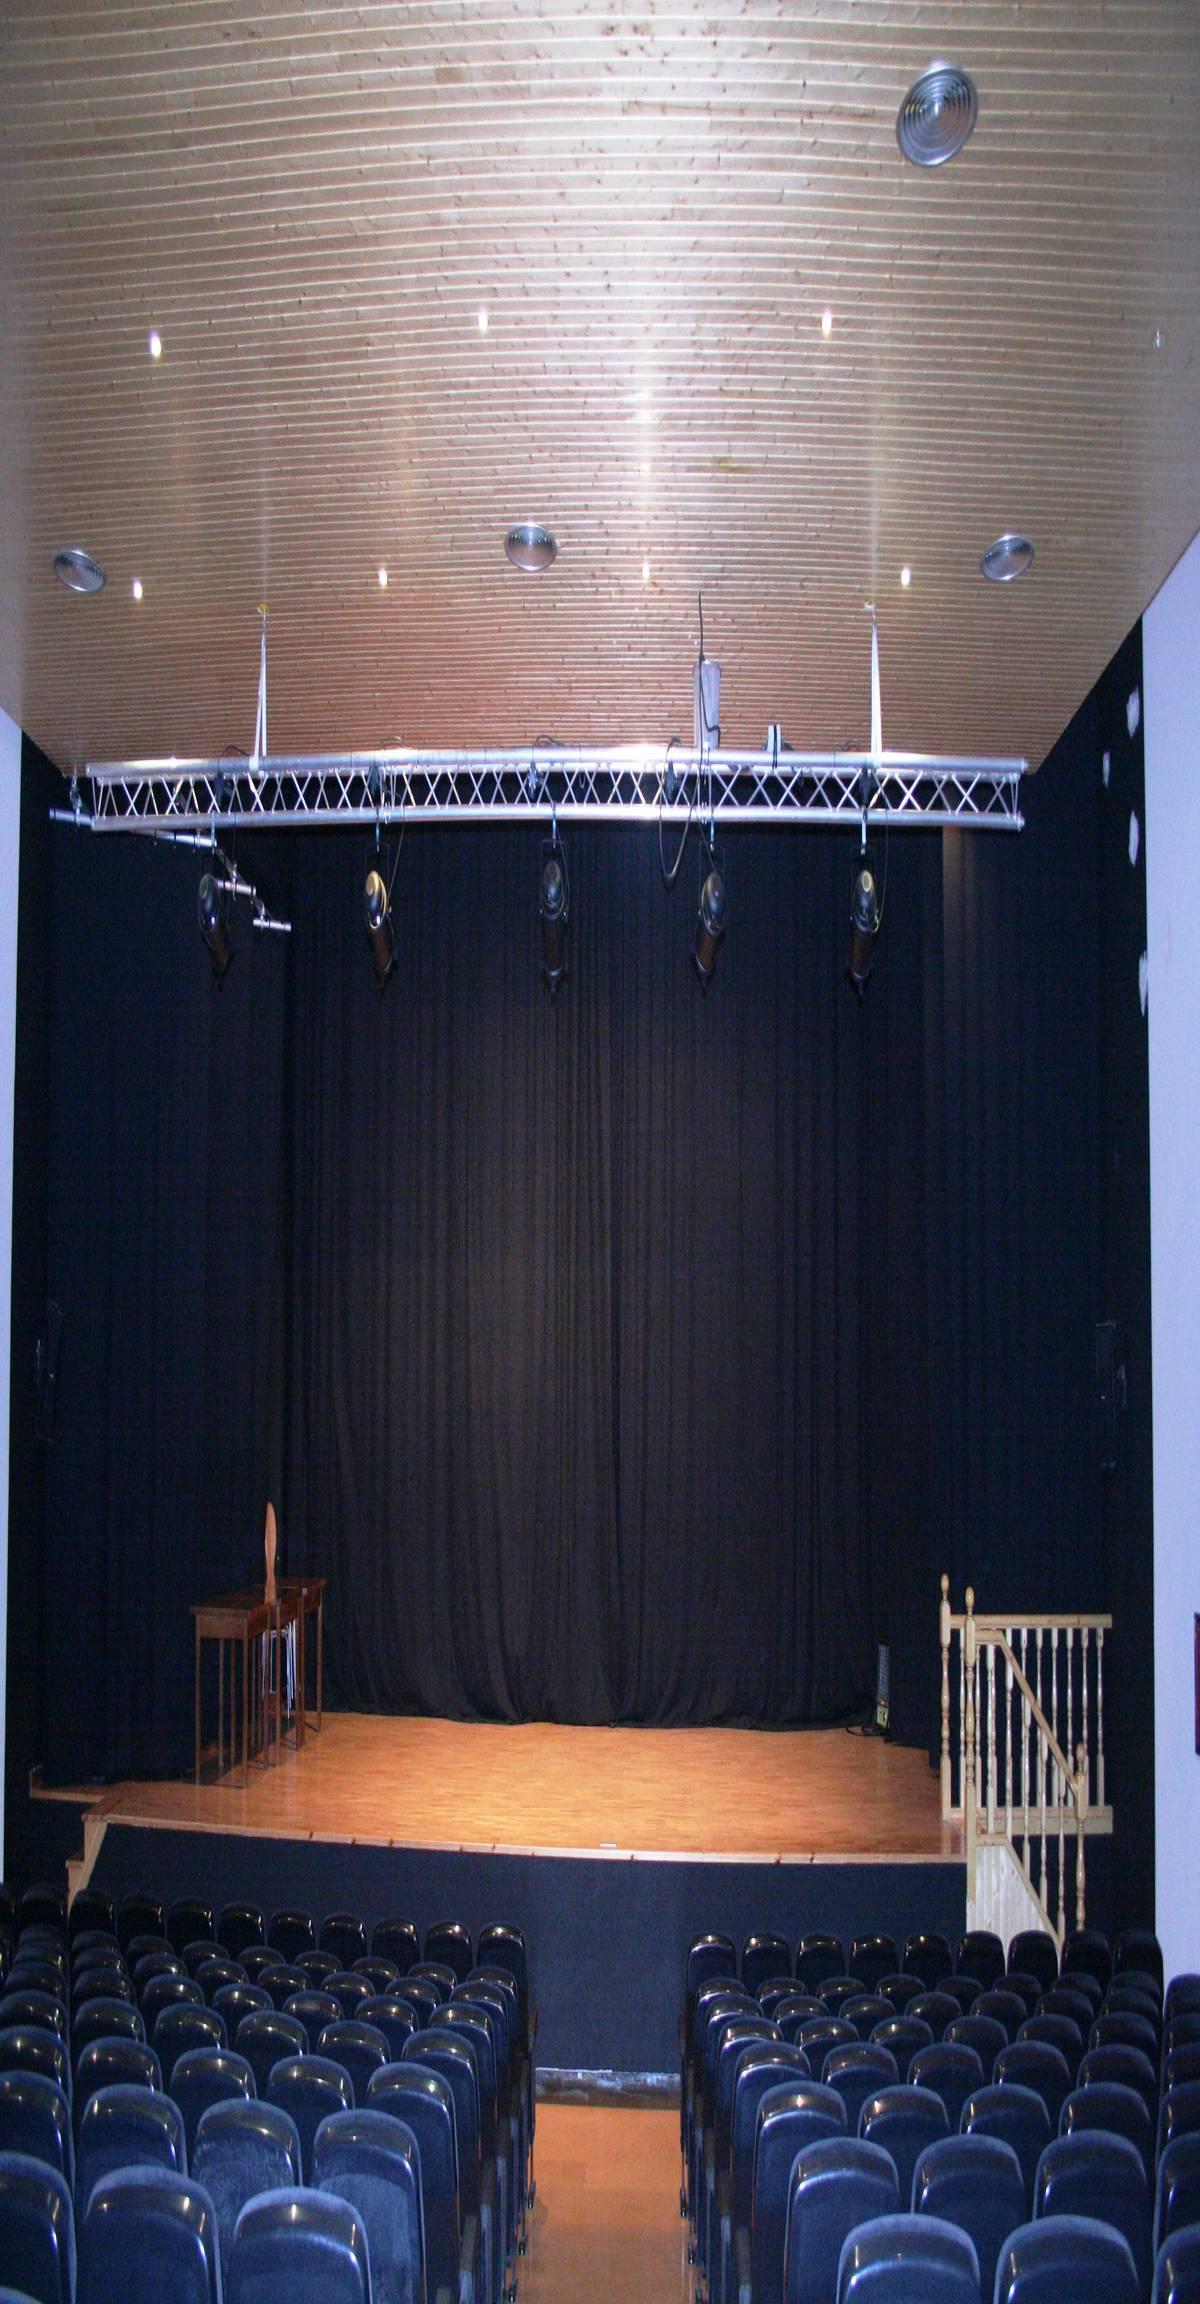 Auditori Municipal Cine Alovi